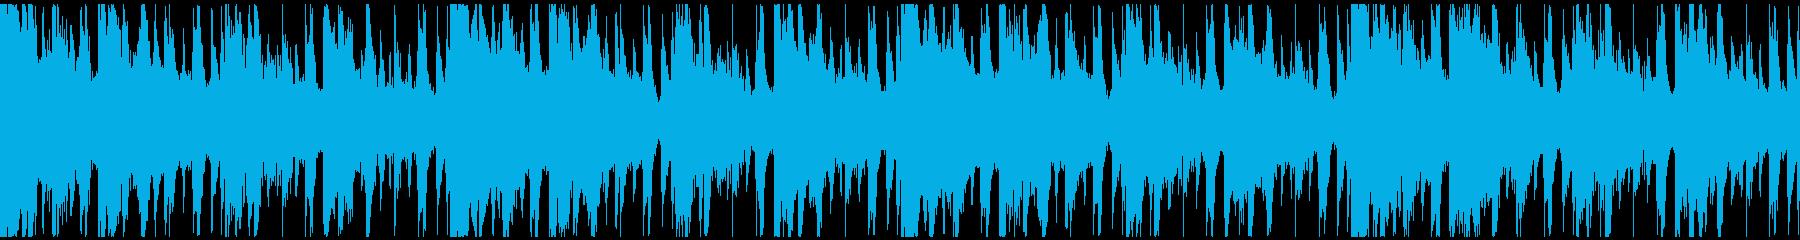 コード進行のエレクトロニカBGMループの再生済みの波形